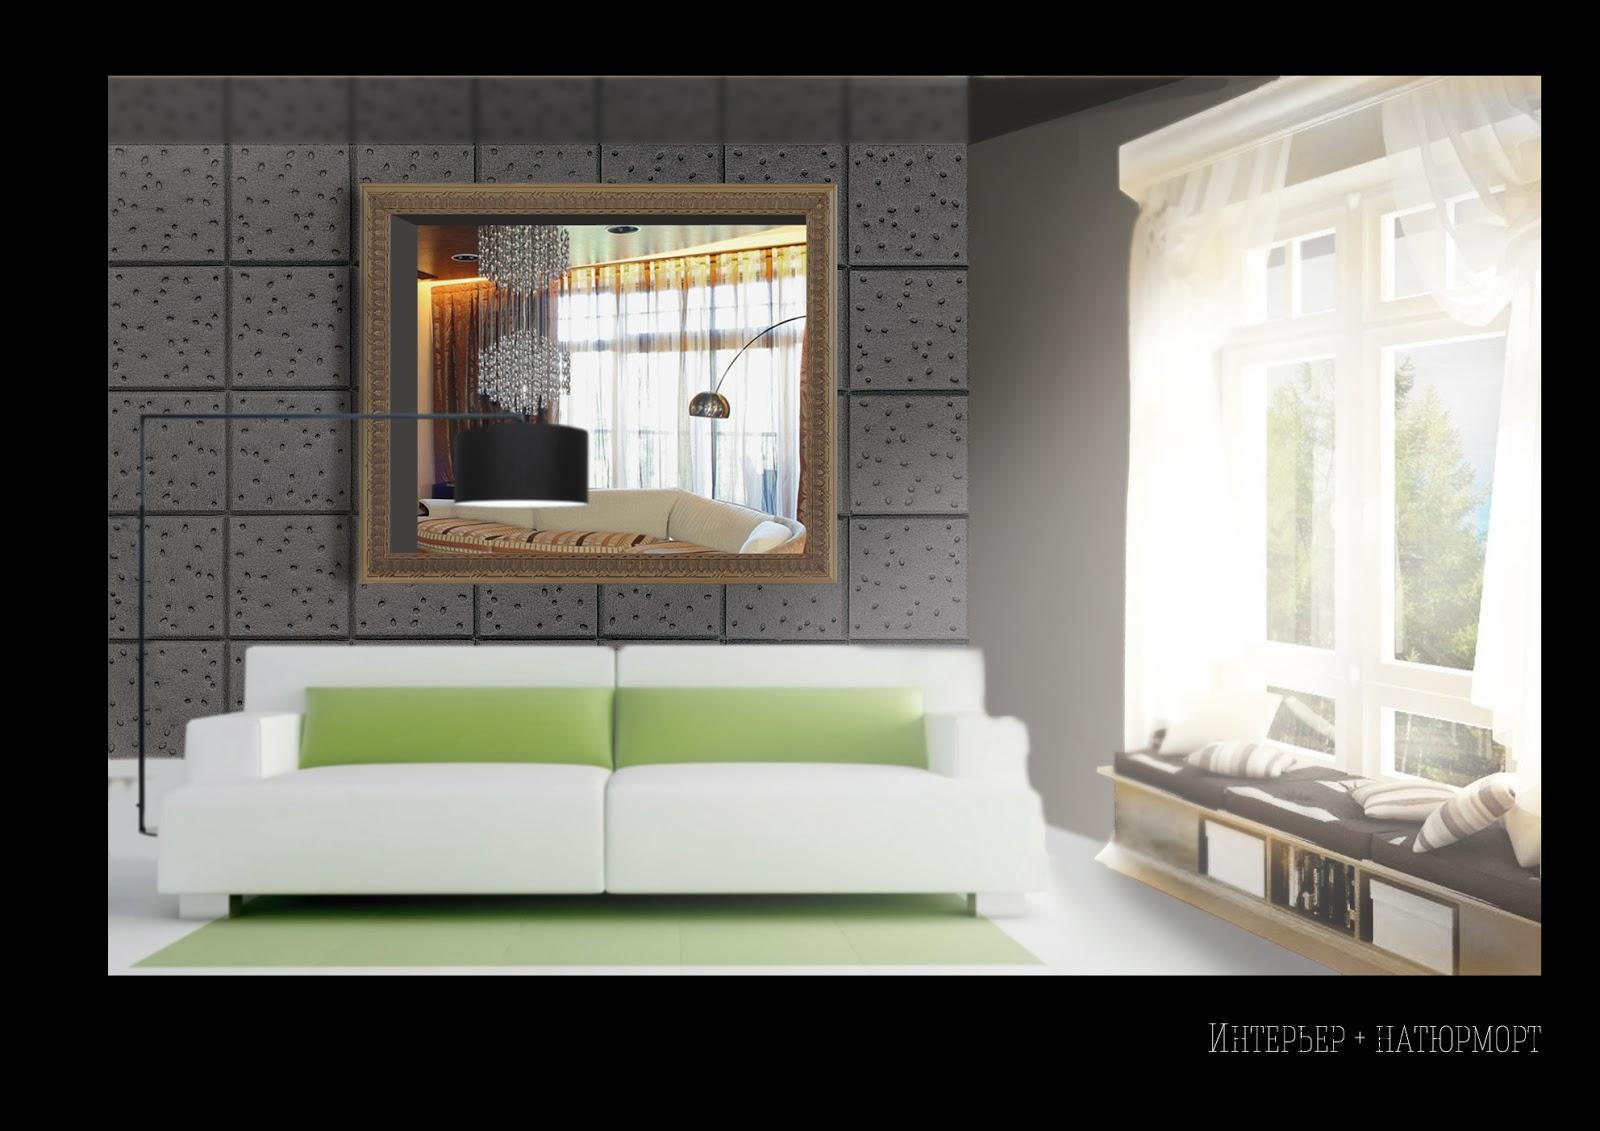 Los interiores abundaron la t cnica del collage en el - Disenador de espacios ...